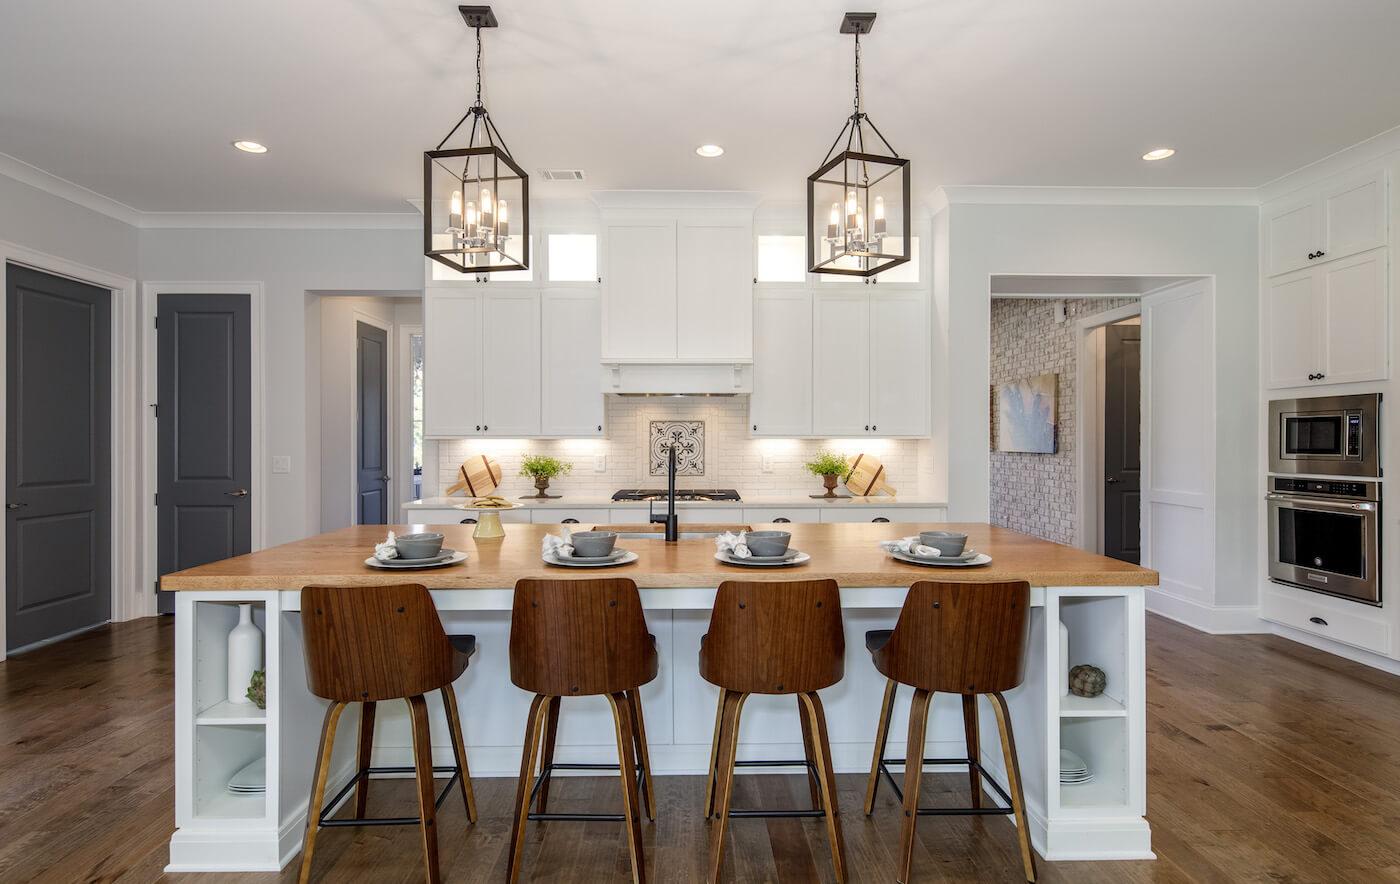 Remodeling, Kitchen remodel